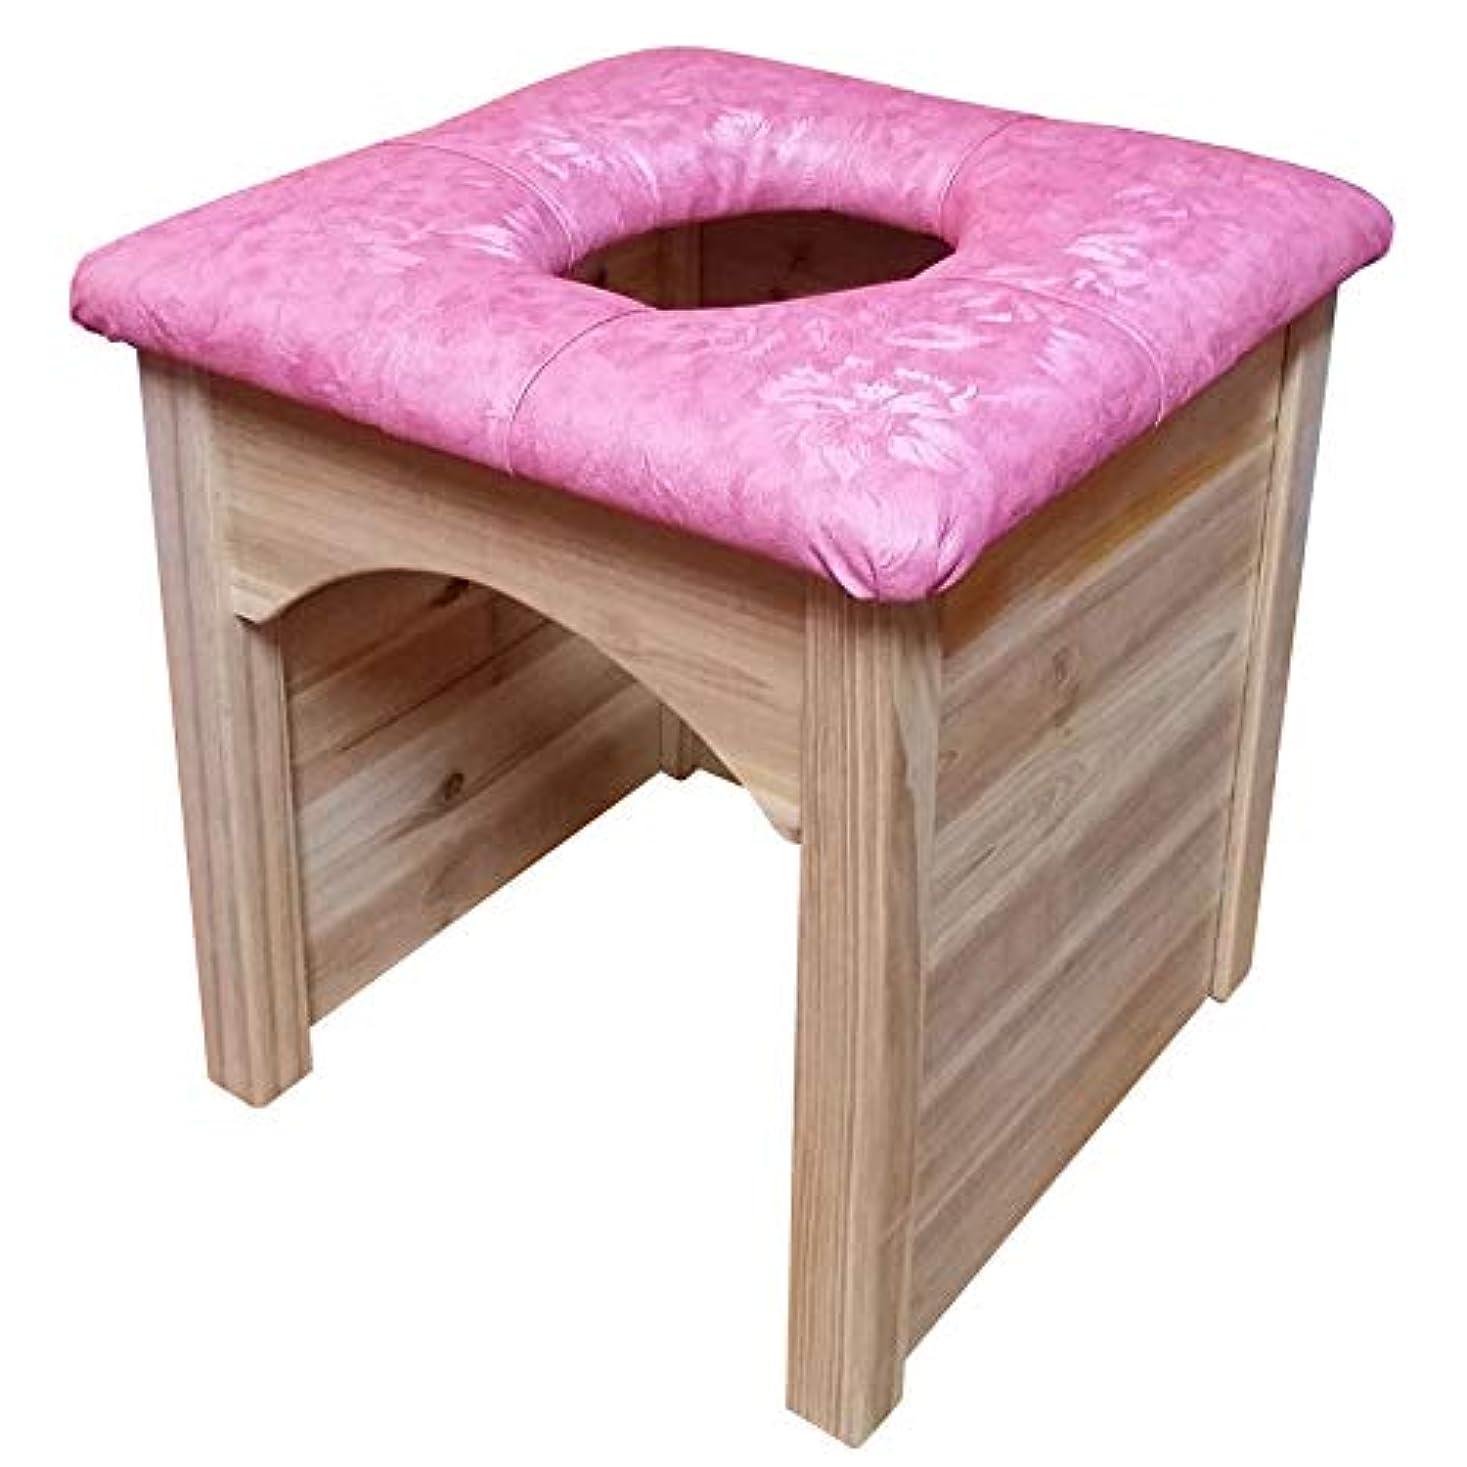 よもぎ蒸しサロンの悪くなった椅子を切り替えたい経営者の為の椅子だけ販売